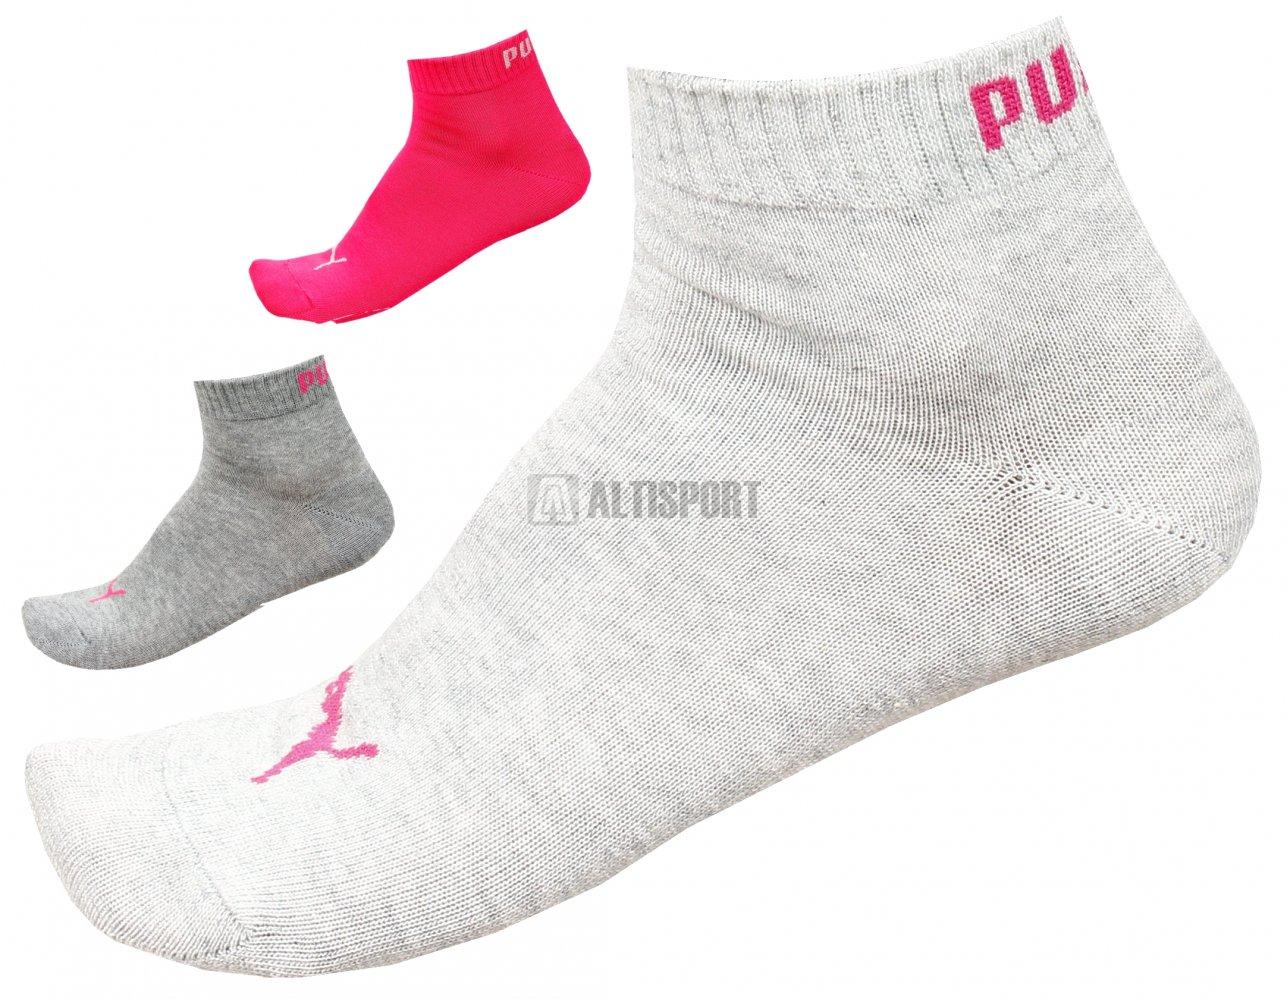 Sportovní ponožky PUMA QUARTER SOCKS 3 PAIR 88096884 MIDDLE GRAY ... 0830fb1816